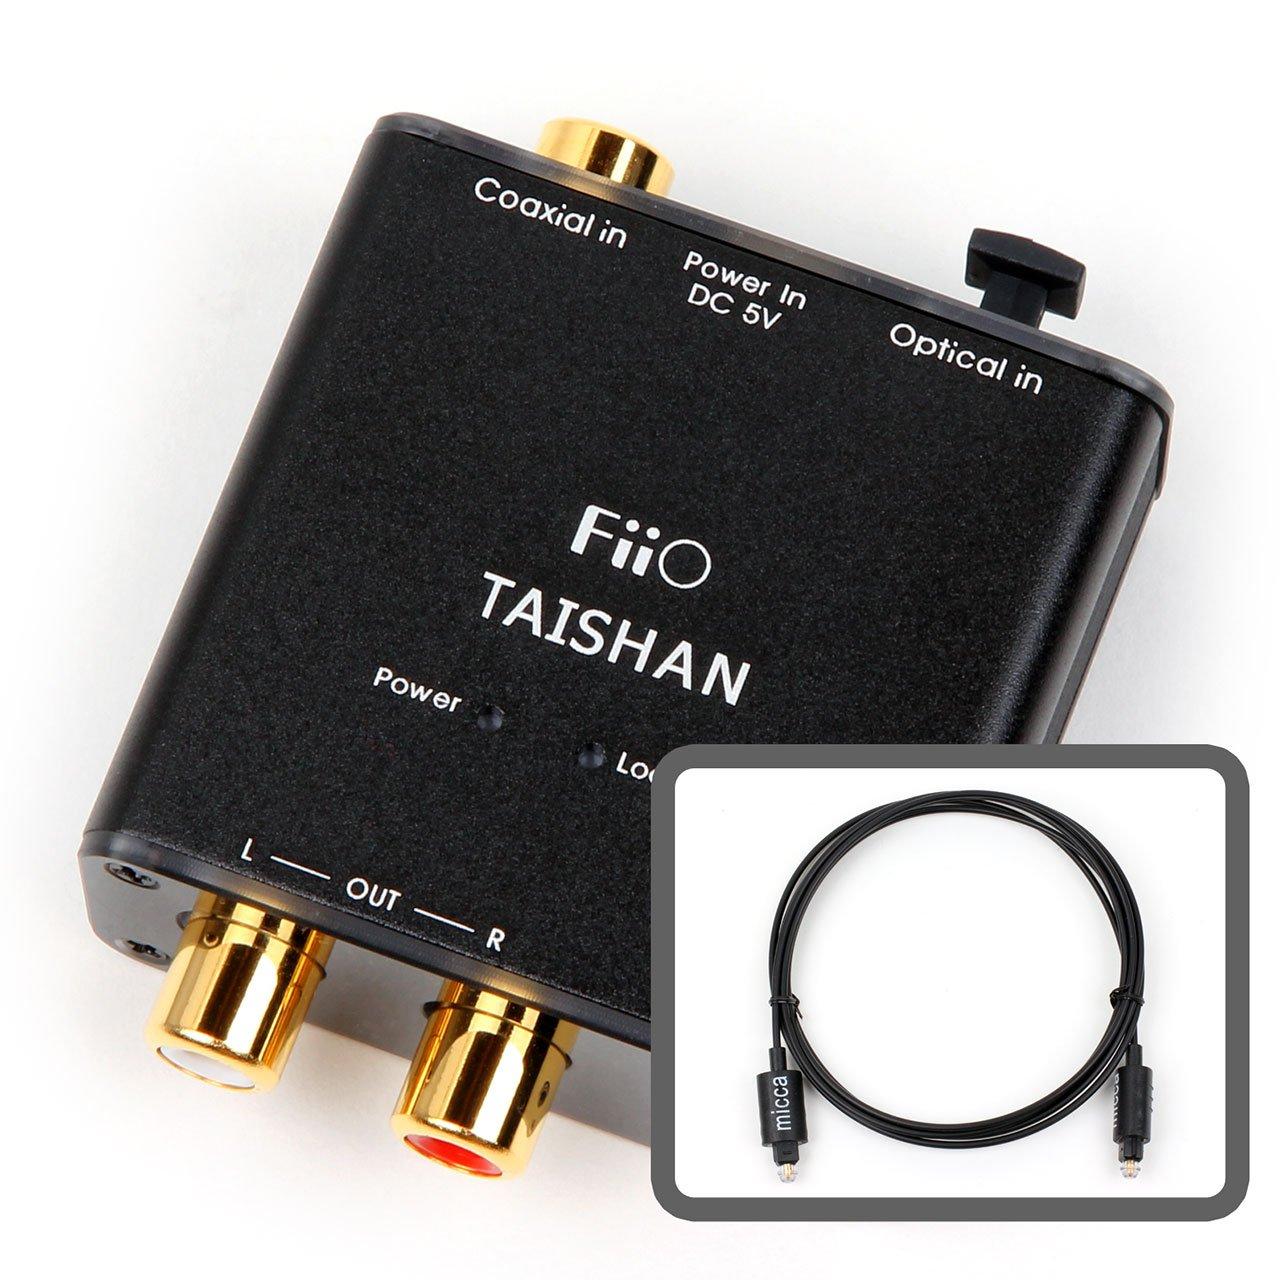 Fiio D3 (d03 K) Conversor de audio digital a analógico con Micca 6 ft - Cable óptico TOSLINK y coaxial óptico de 192 kHz/24 bits DAC: Amazon.es: Electrónica